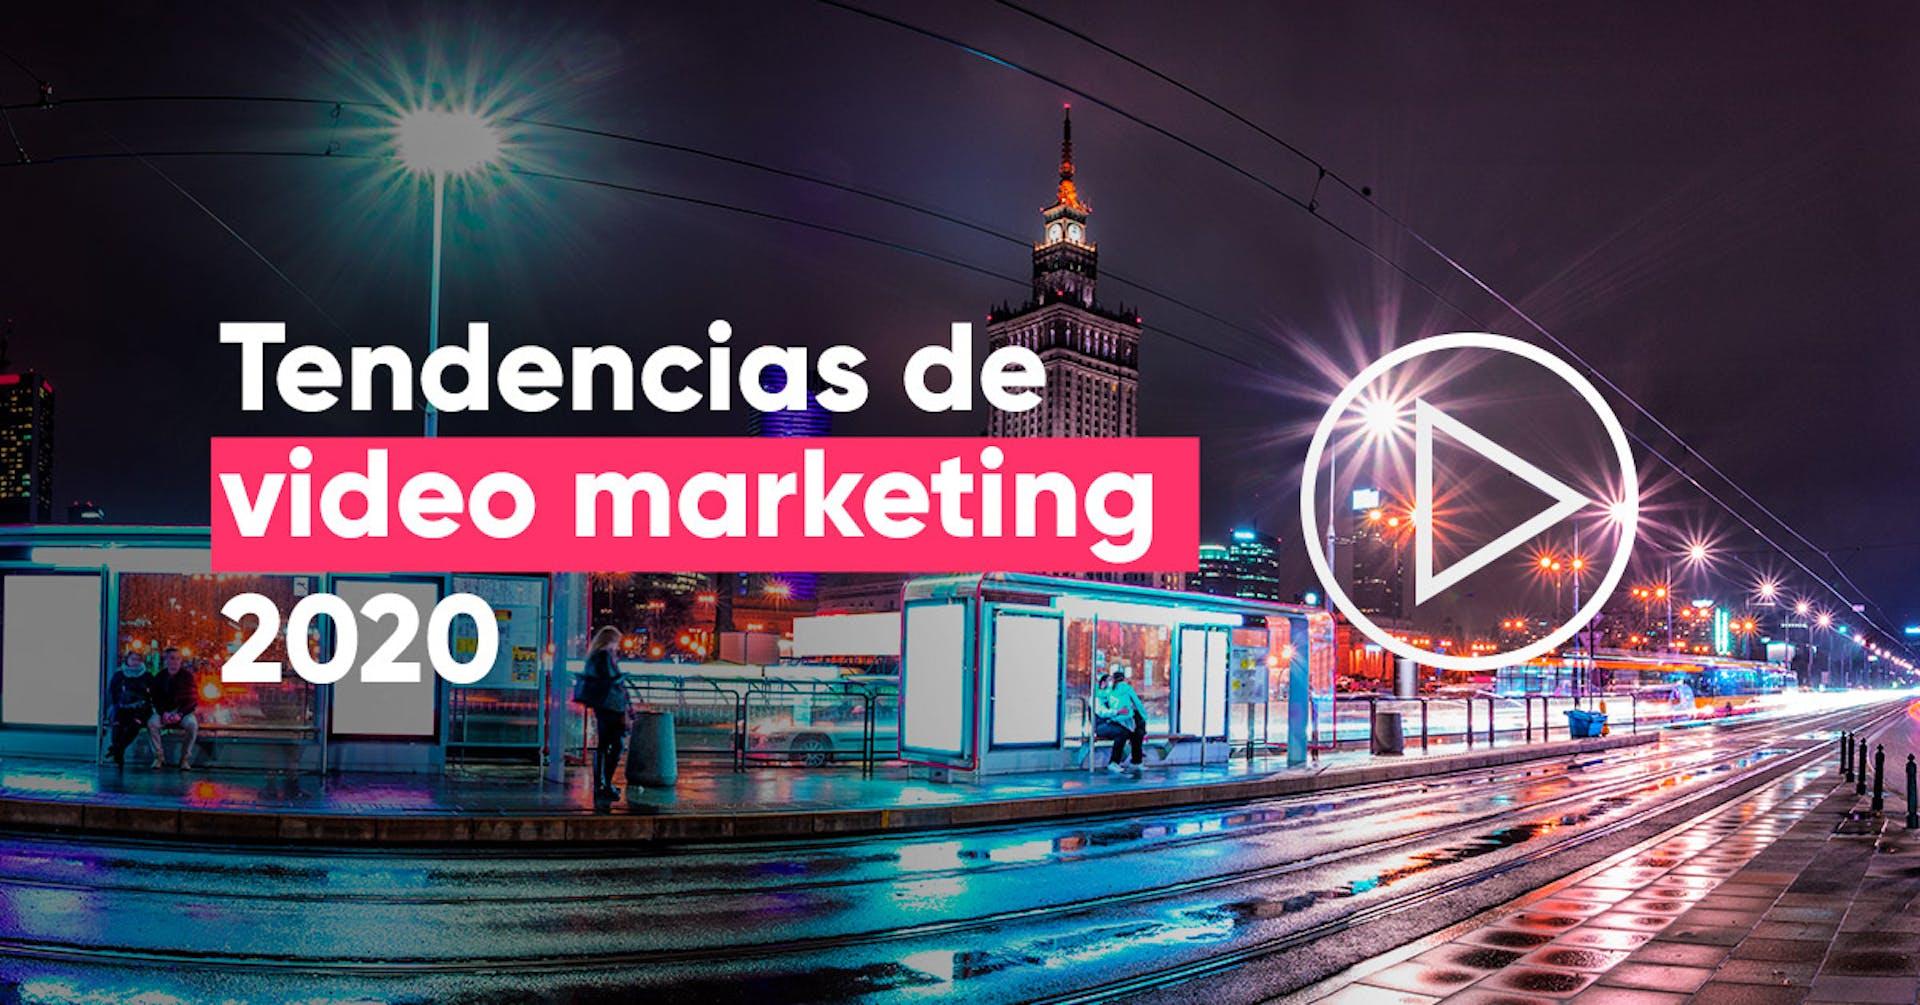 Estas son las 5 tendencias de video marketing en 2020